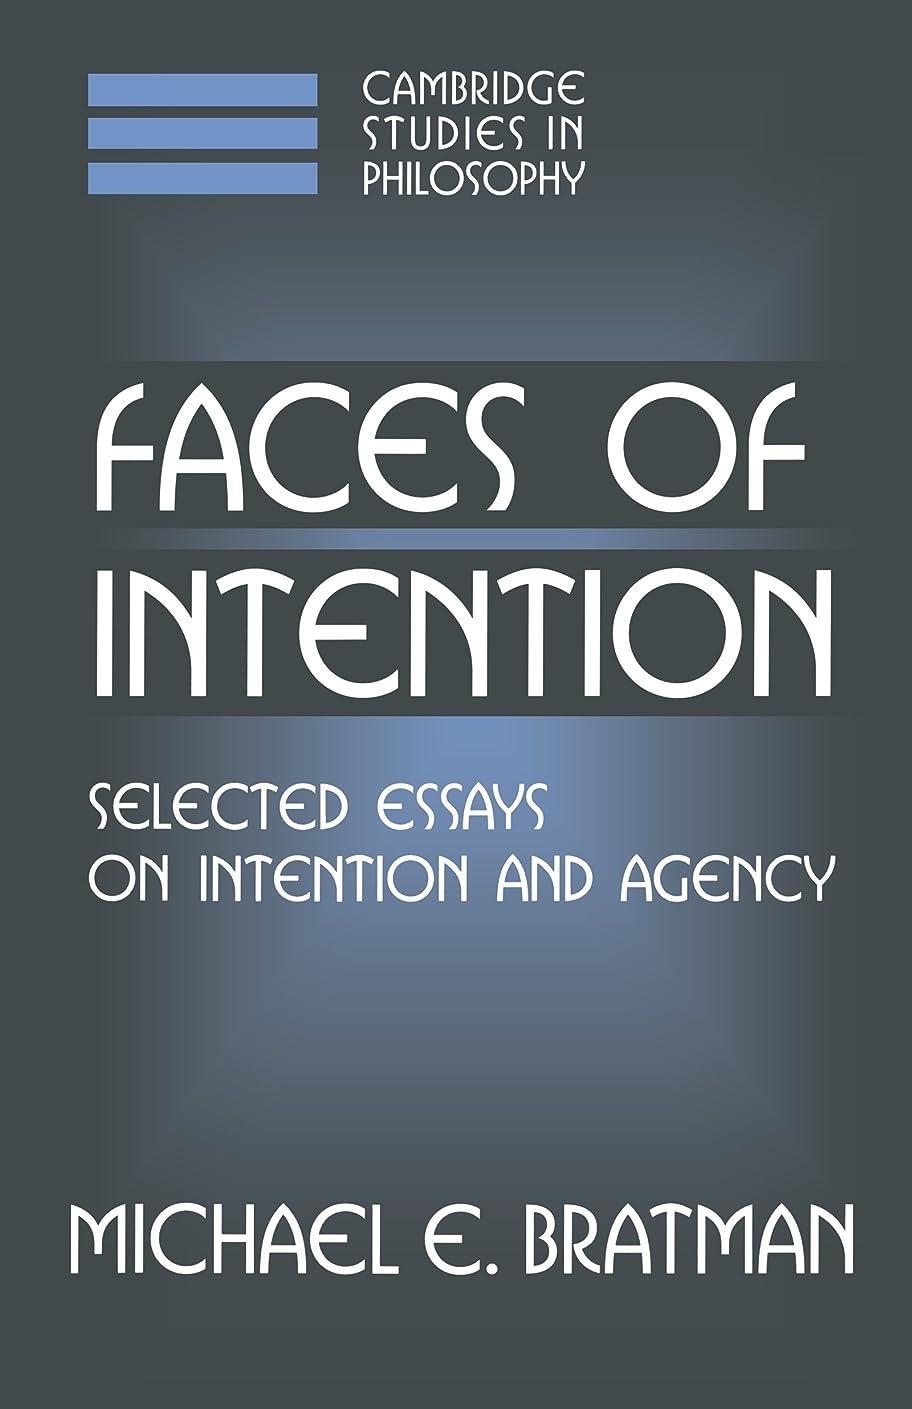 器官露骨なシンプトンFaces of Intention: Selected Essays on Intention and Agency (Cambridge Studies in Philosophy) (English Edition)